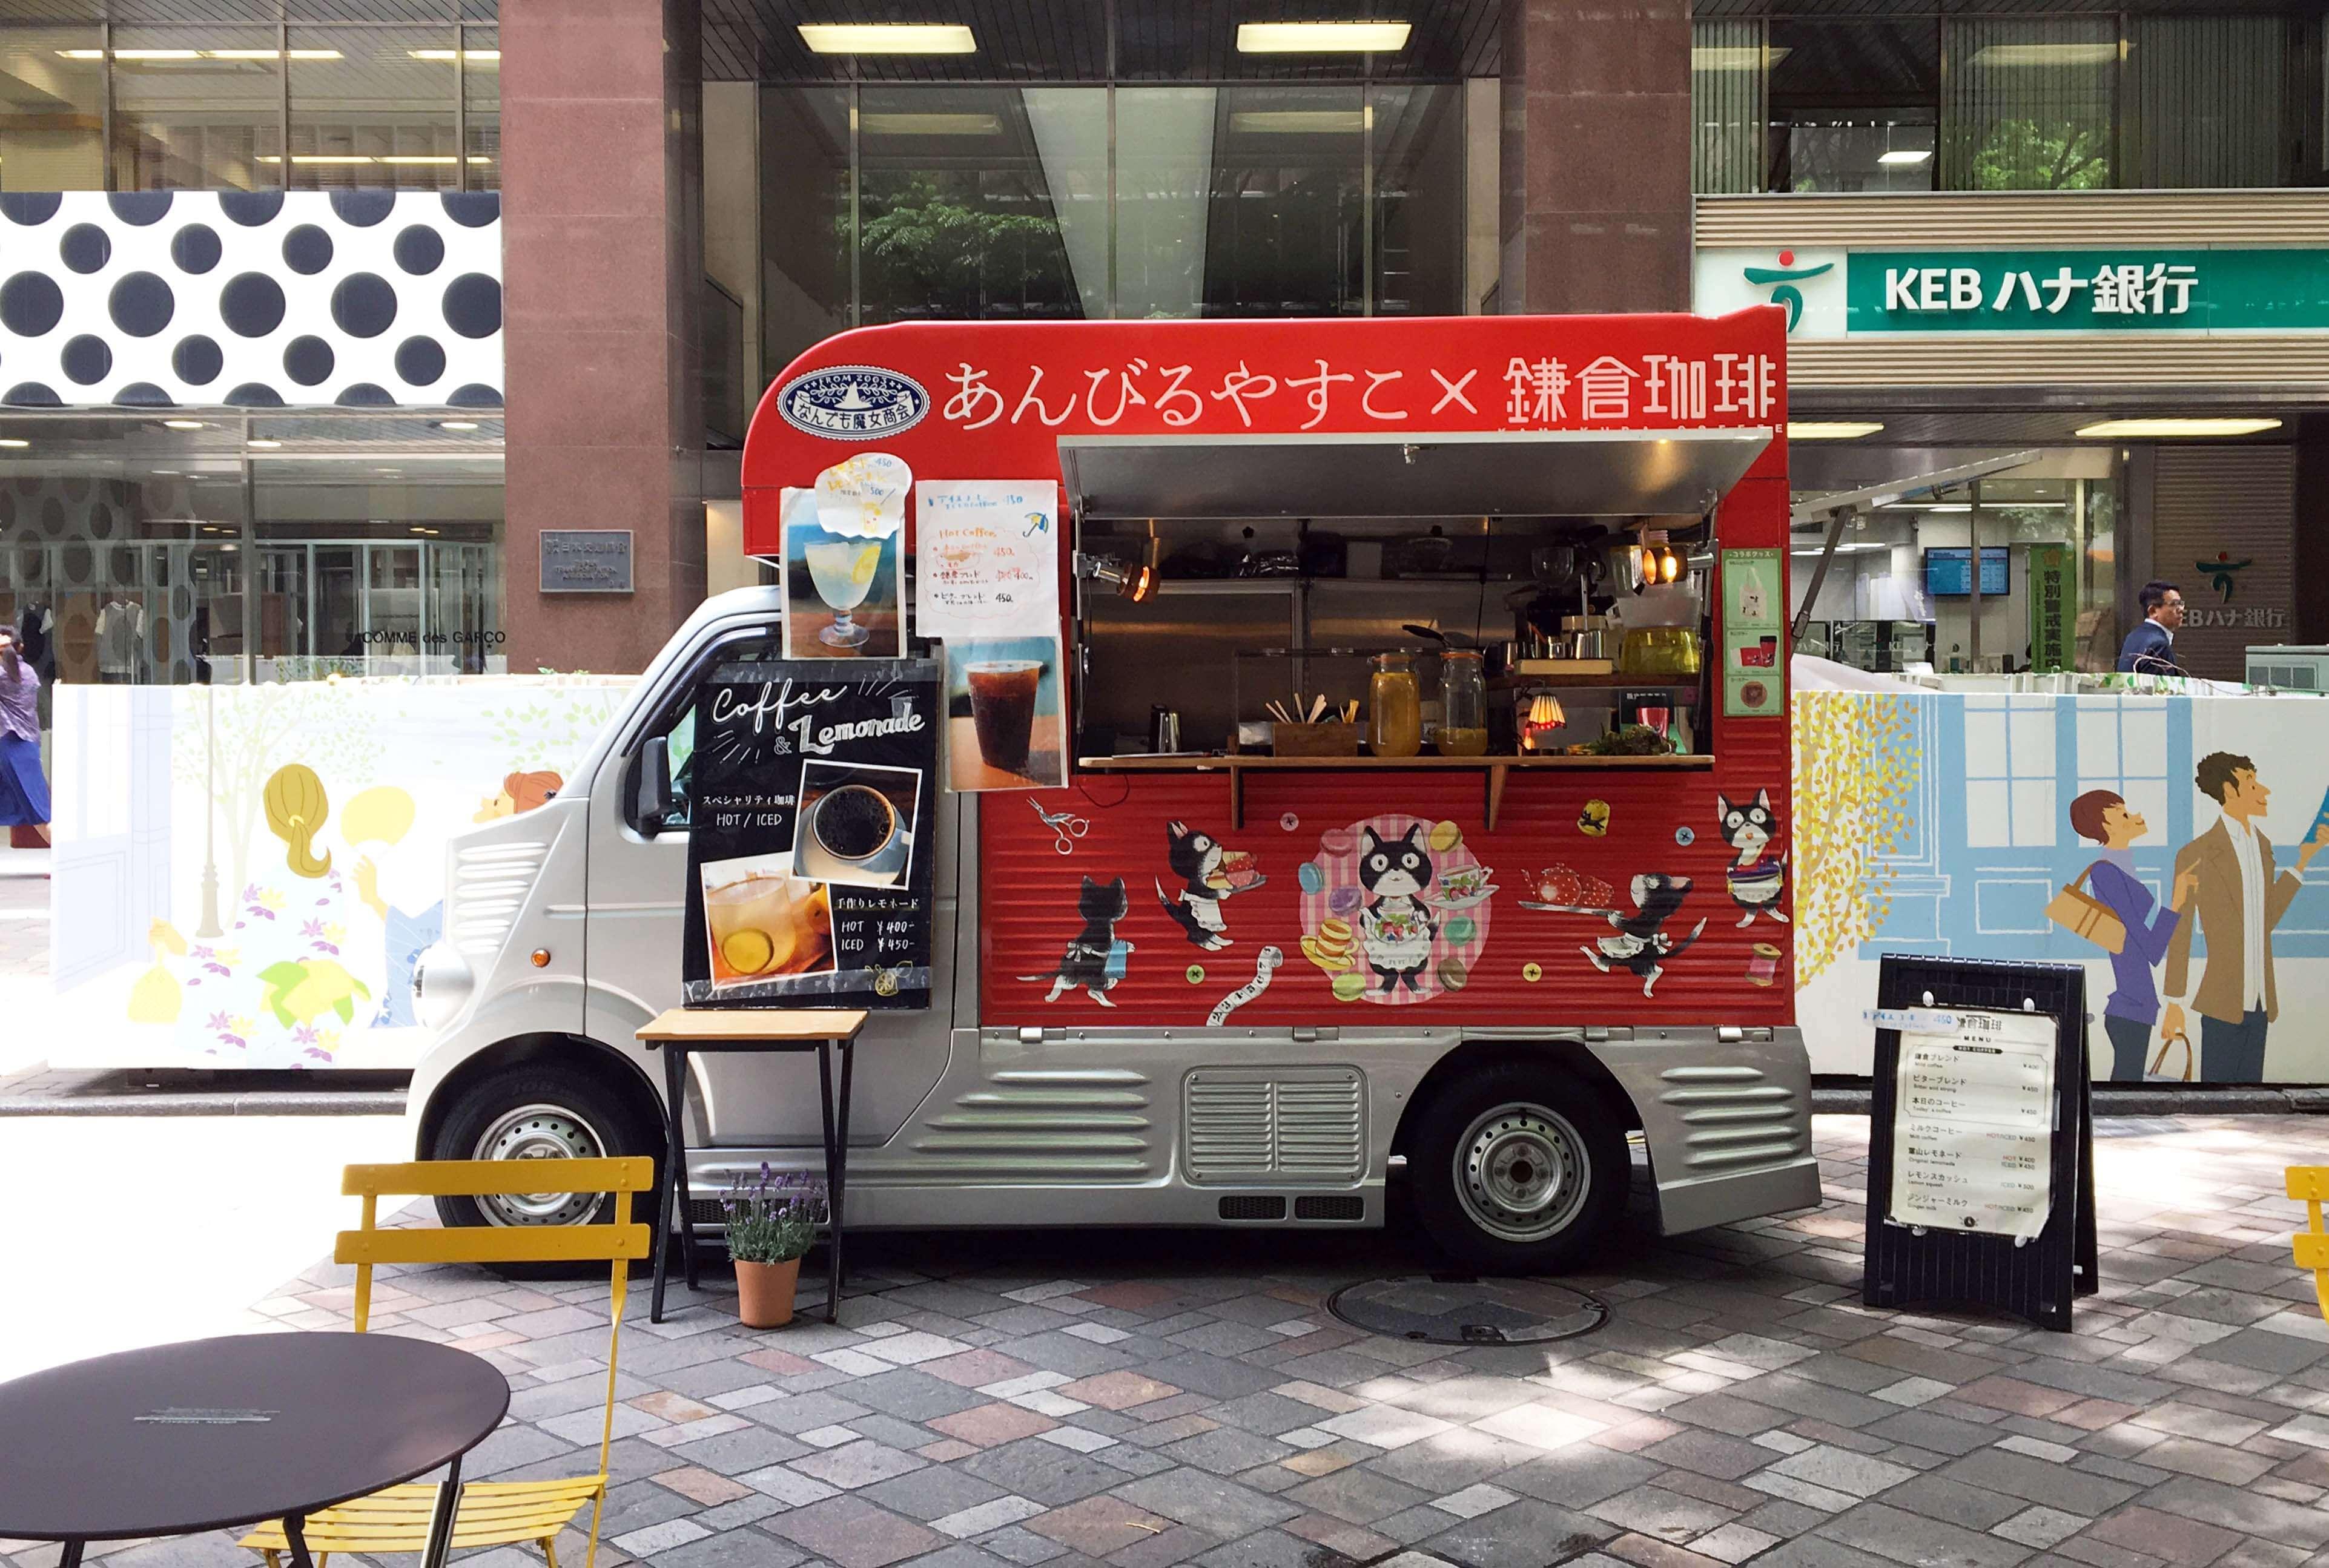 終了しましたあんびるやすこ鎌倉コーヒーコラボキッチンカーが走り